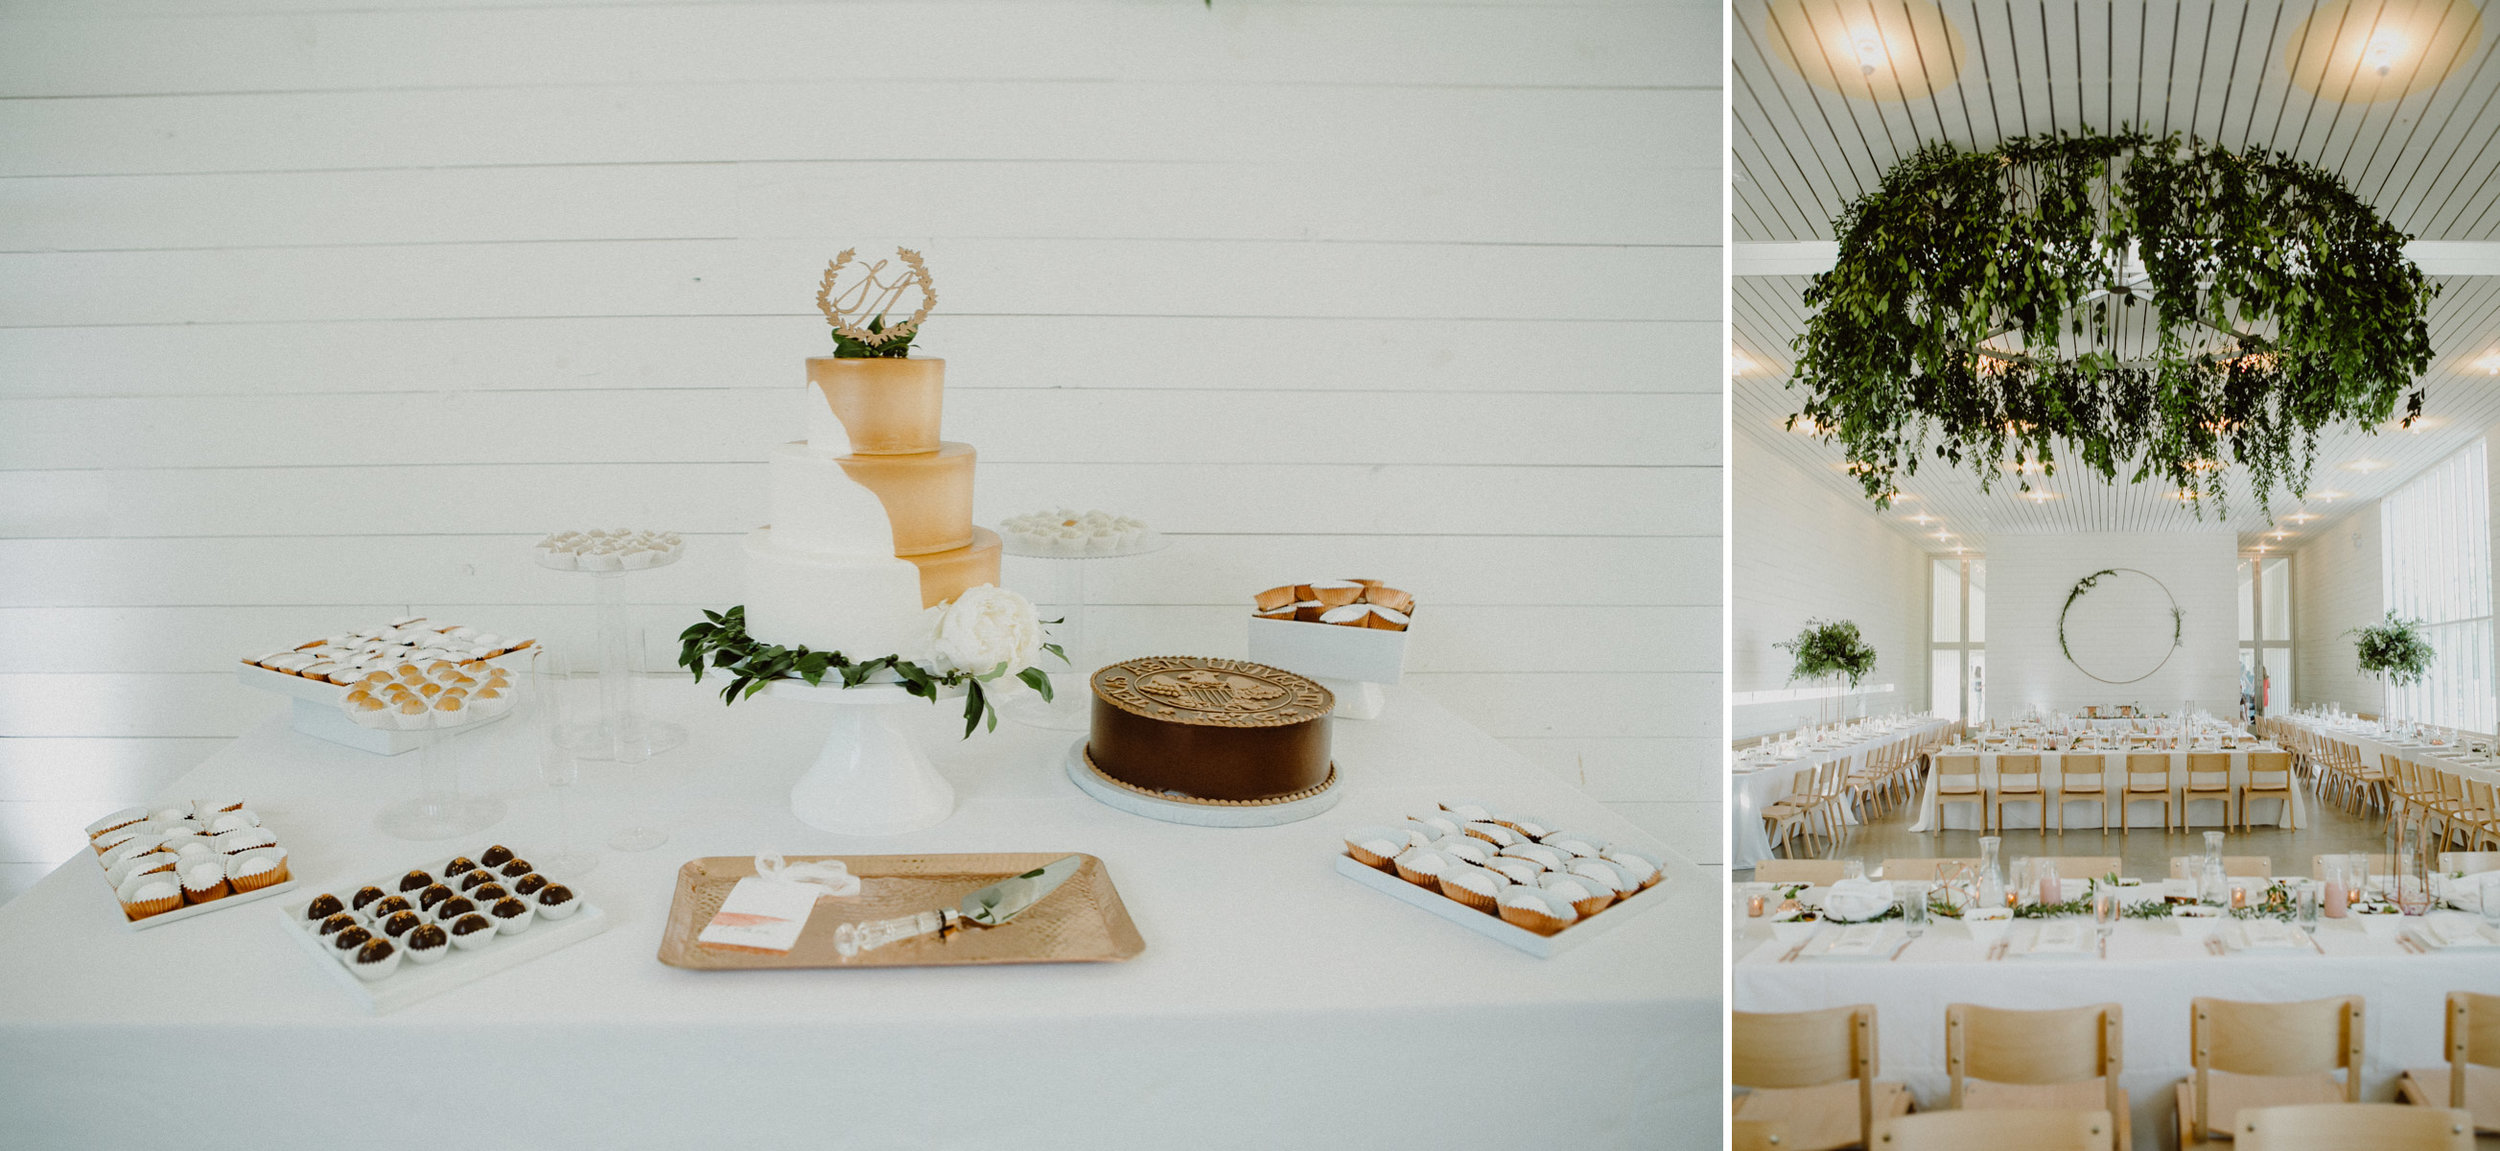 prospect-house-wedding-6jpg.jpg